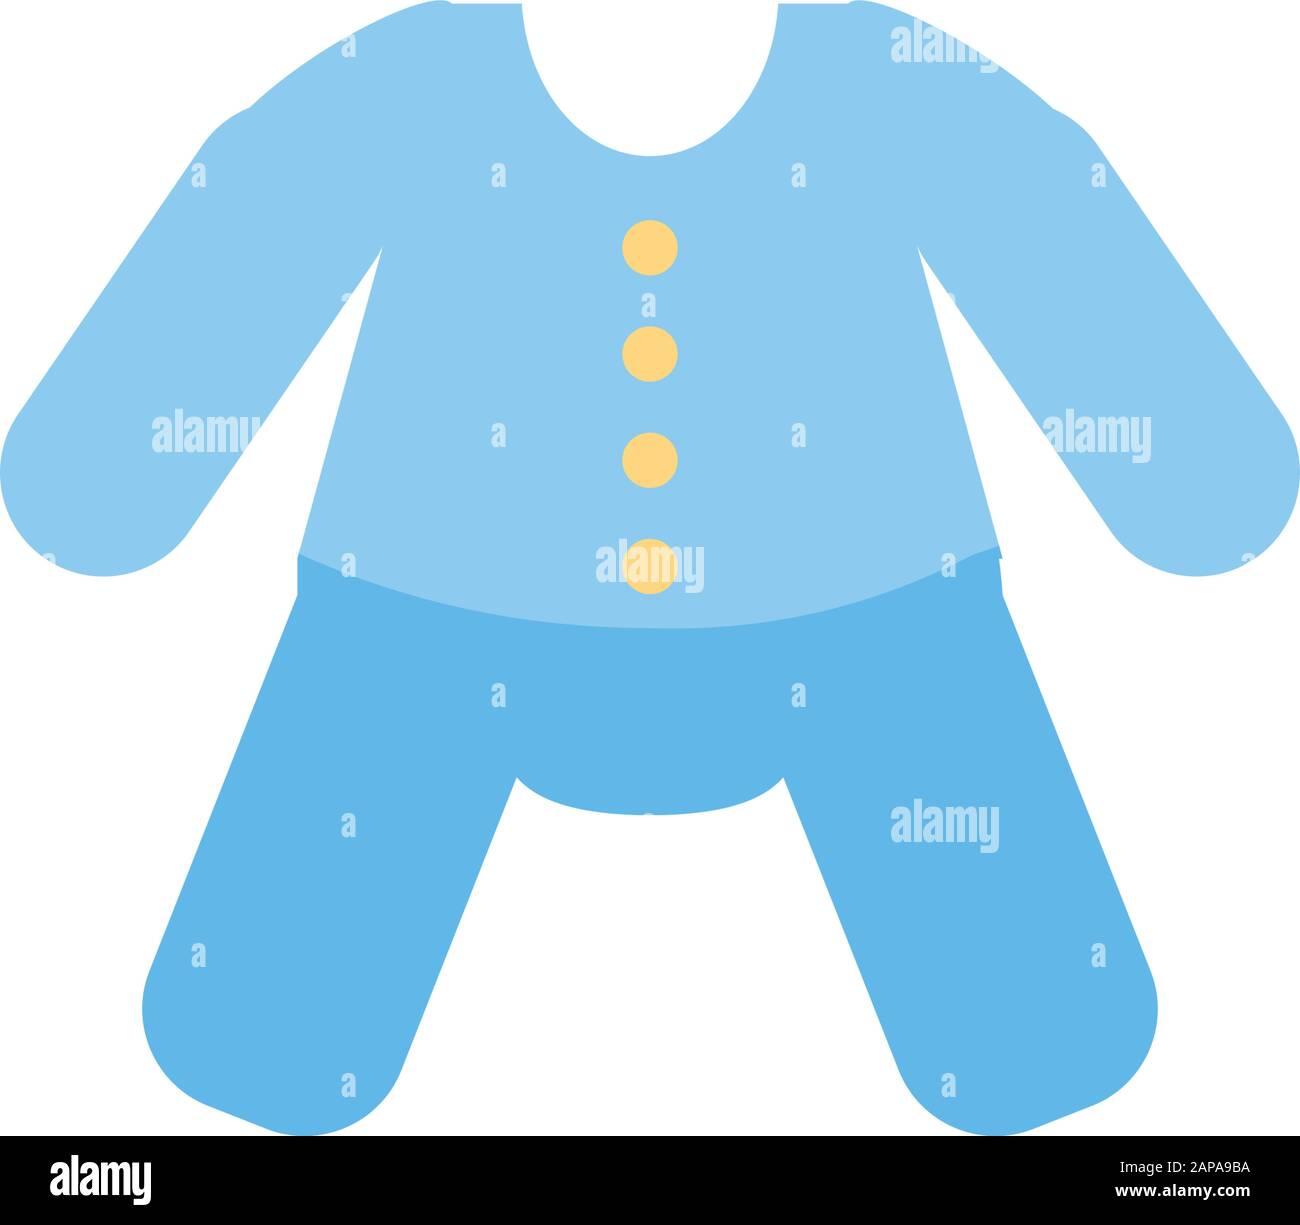 Diseño de tela para bebés, inocencia de objetos infantiles para recién nacidos y pequeño tema ilustración vectorial Ilustración del Vector